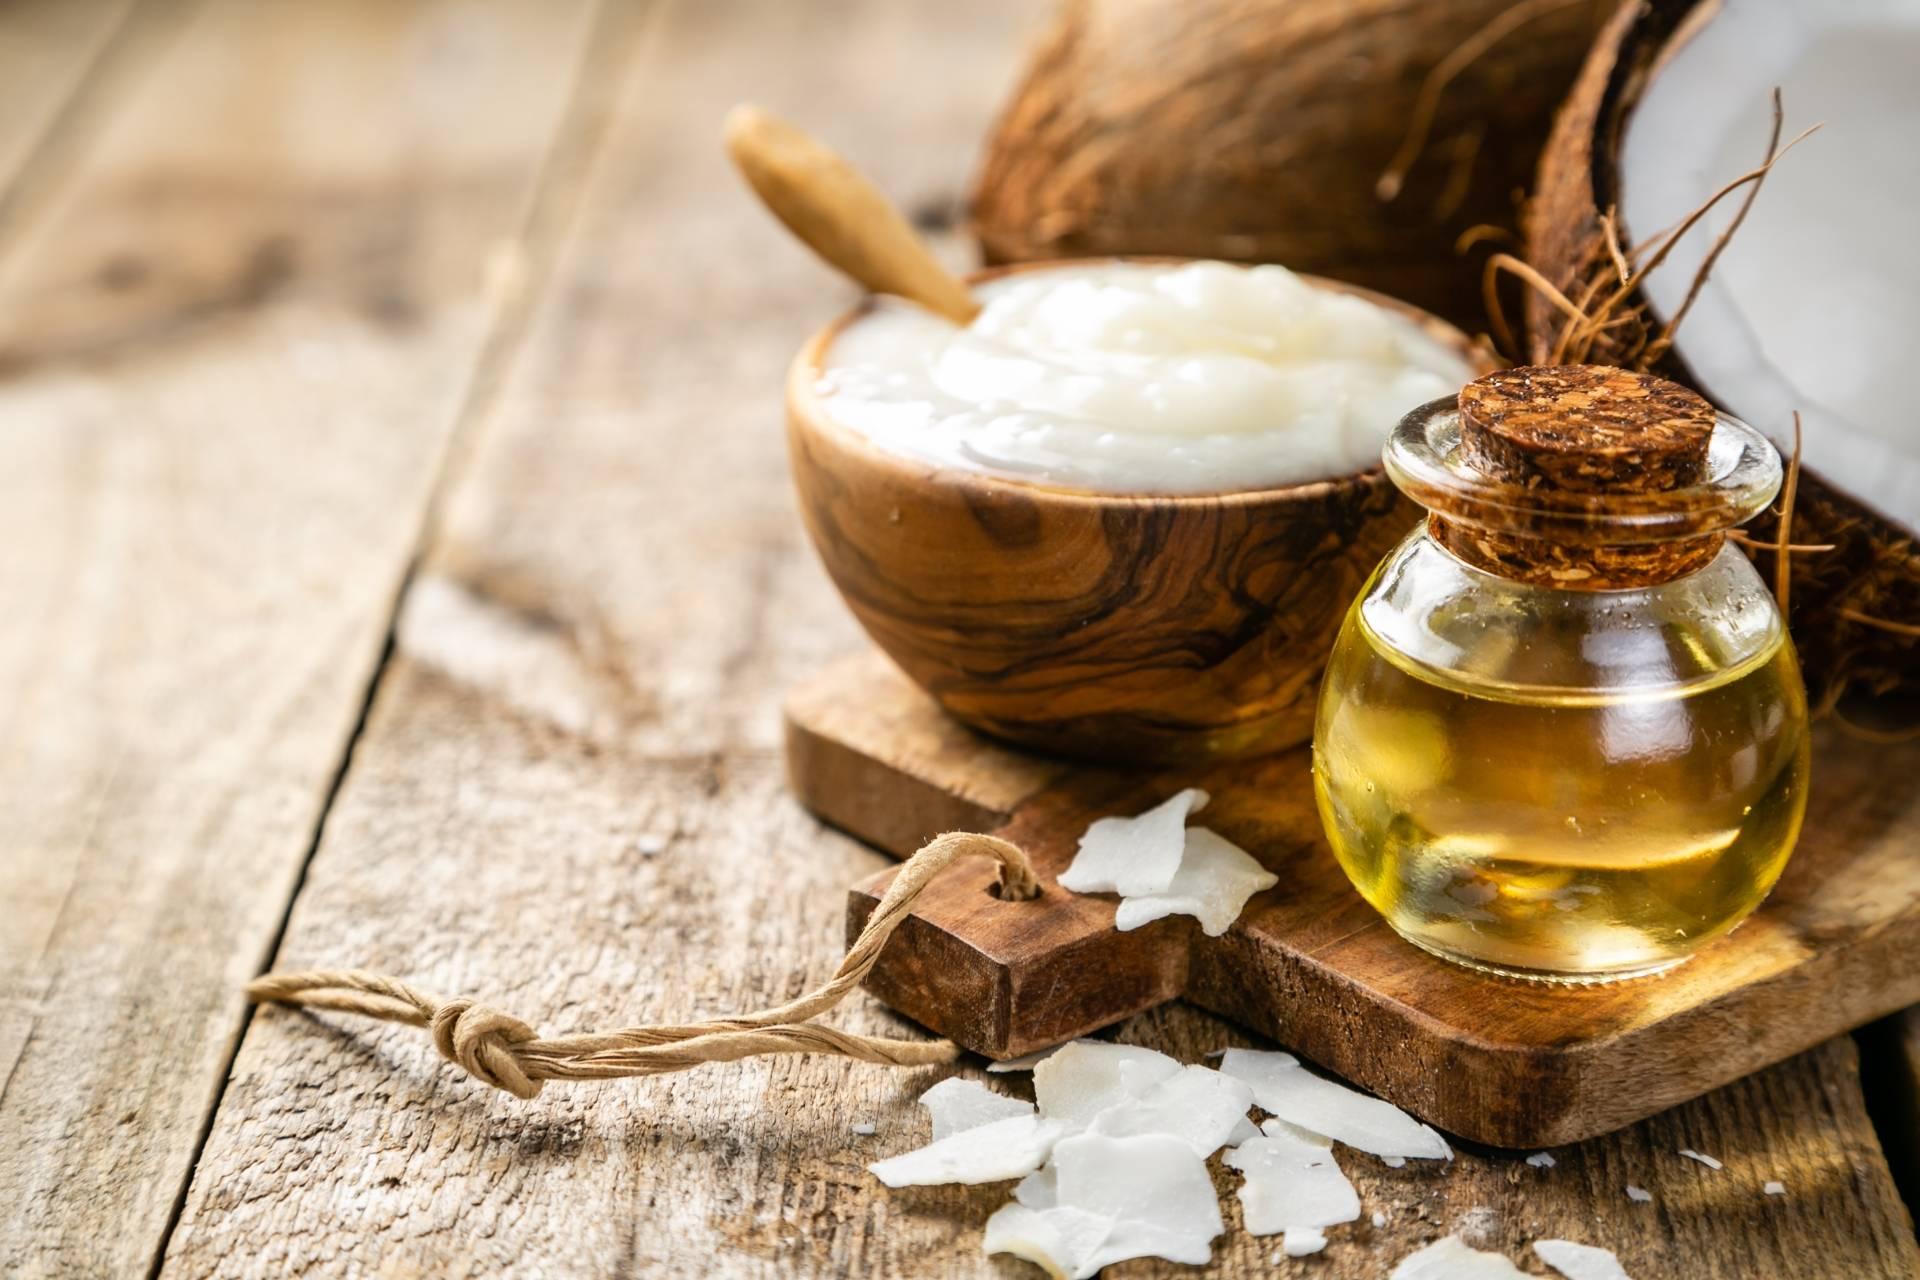 Olej kokosowy w miseczce i olej w butelce na drewnianym blacie.